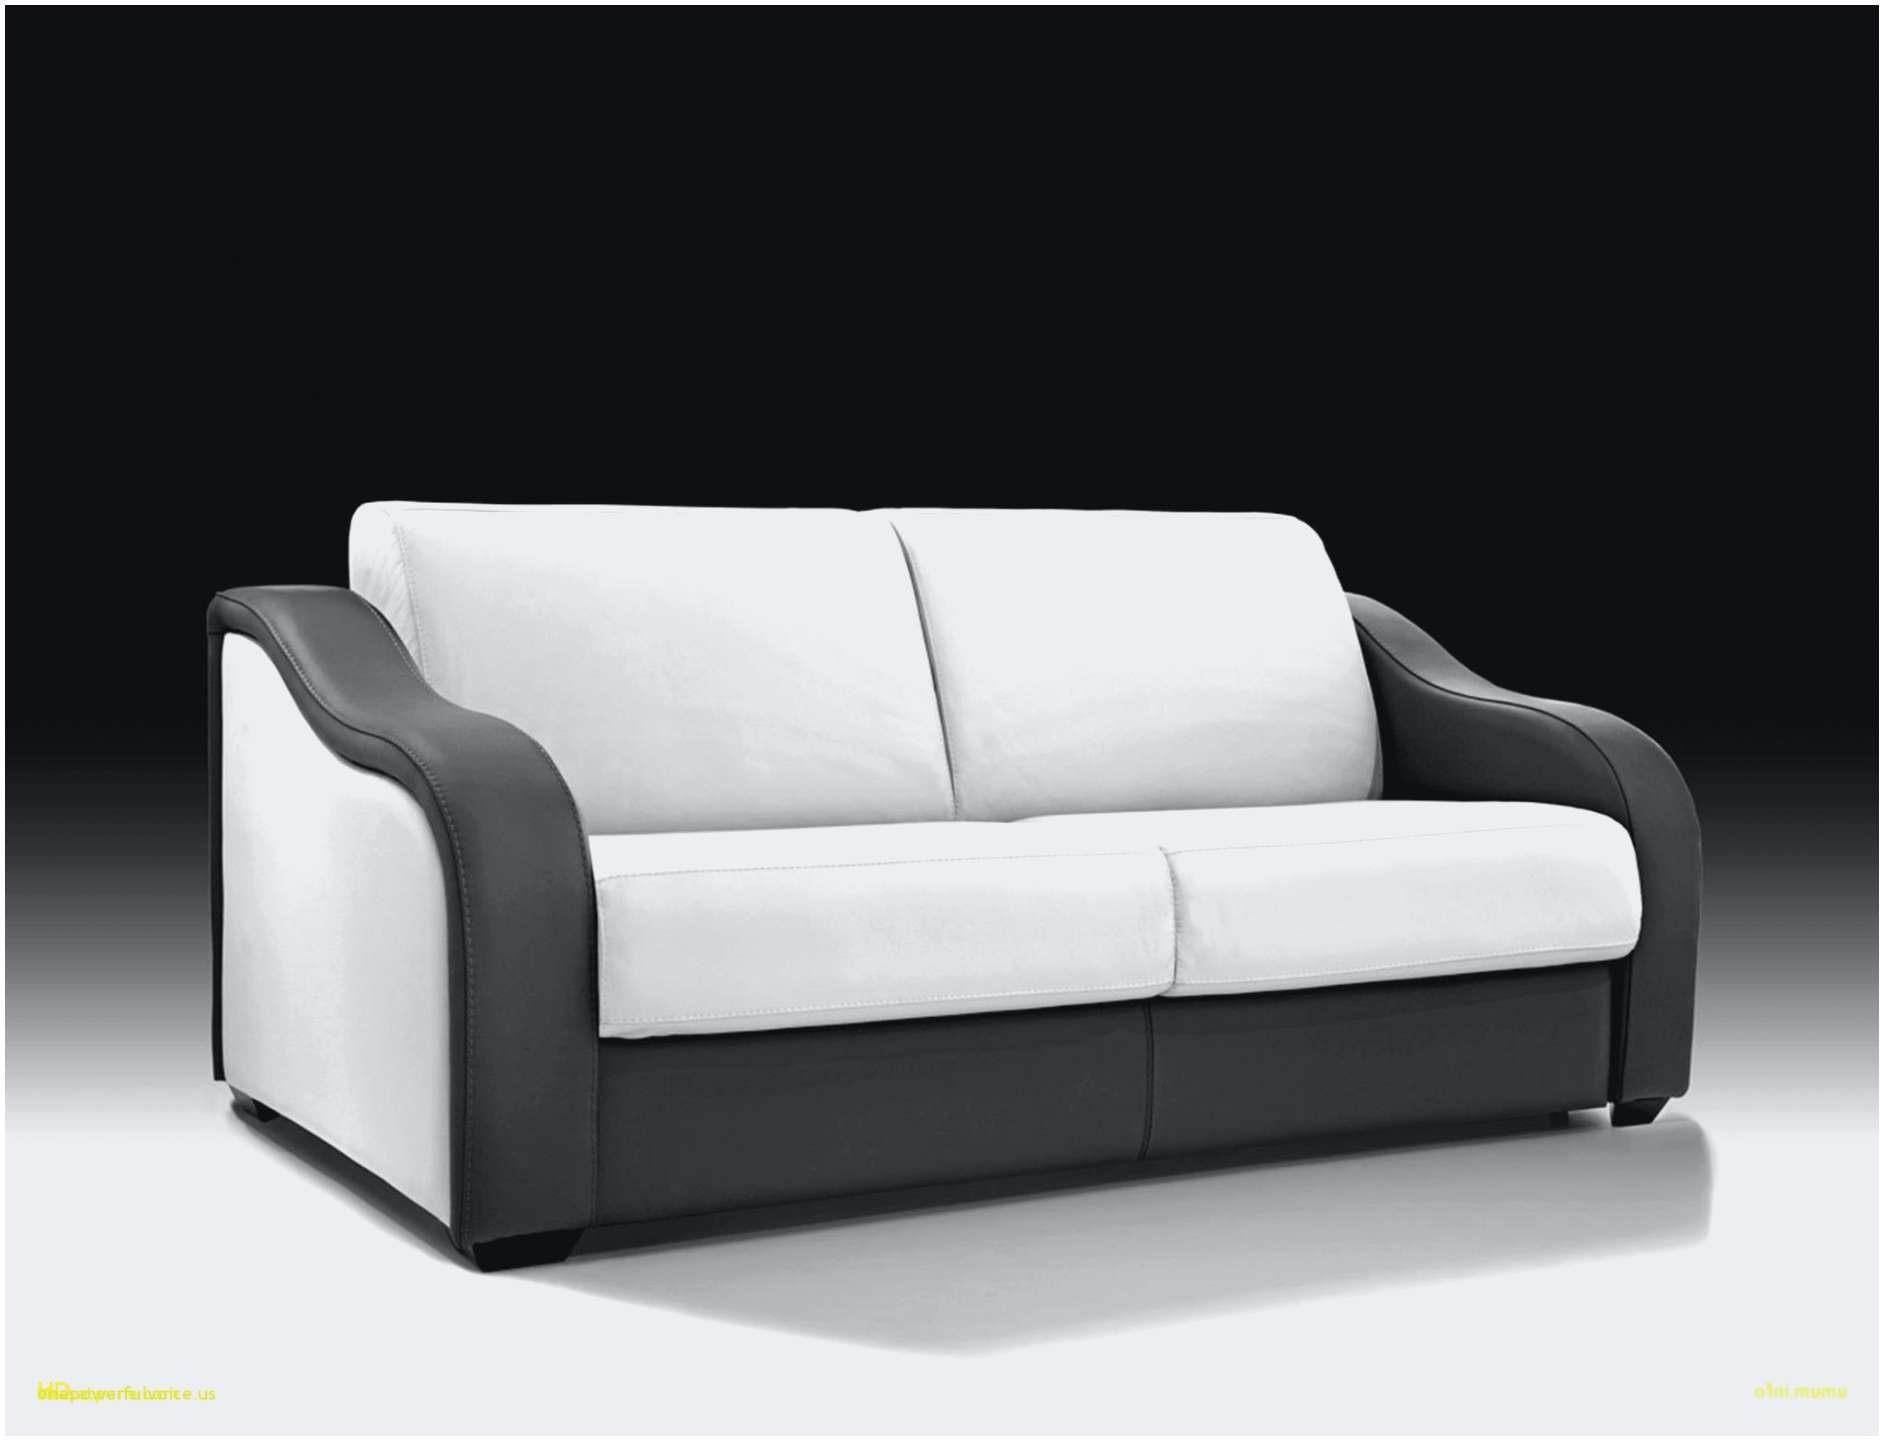 Canapé Lit Ikea De Luxe Impressionnant Canapé Italien Direct Usine — Puredebrideur Pour